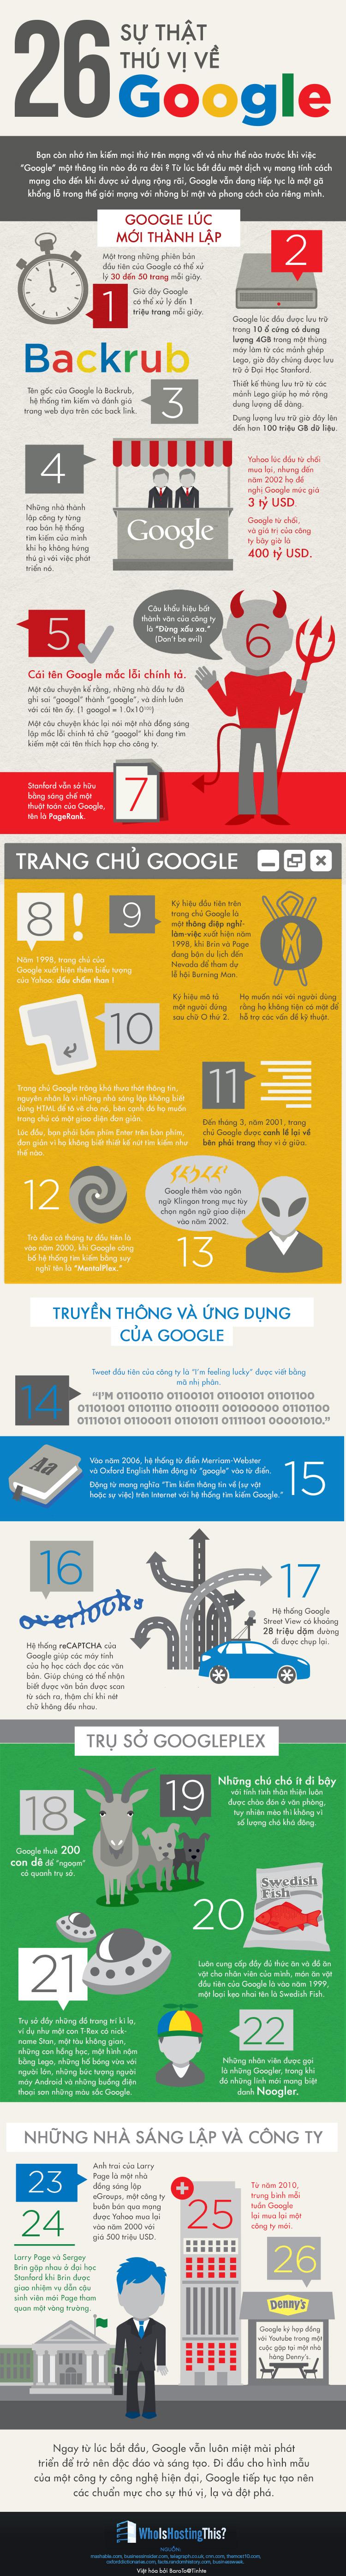 [Infographic] 26 sự thật thú vị về Google[Infographic] 26 sự thật thú vị về Google